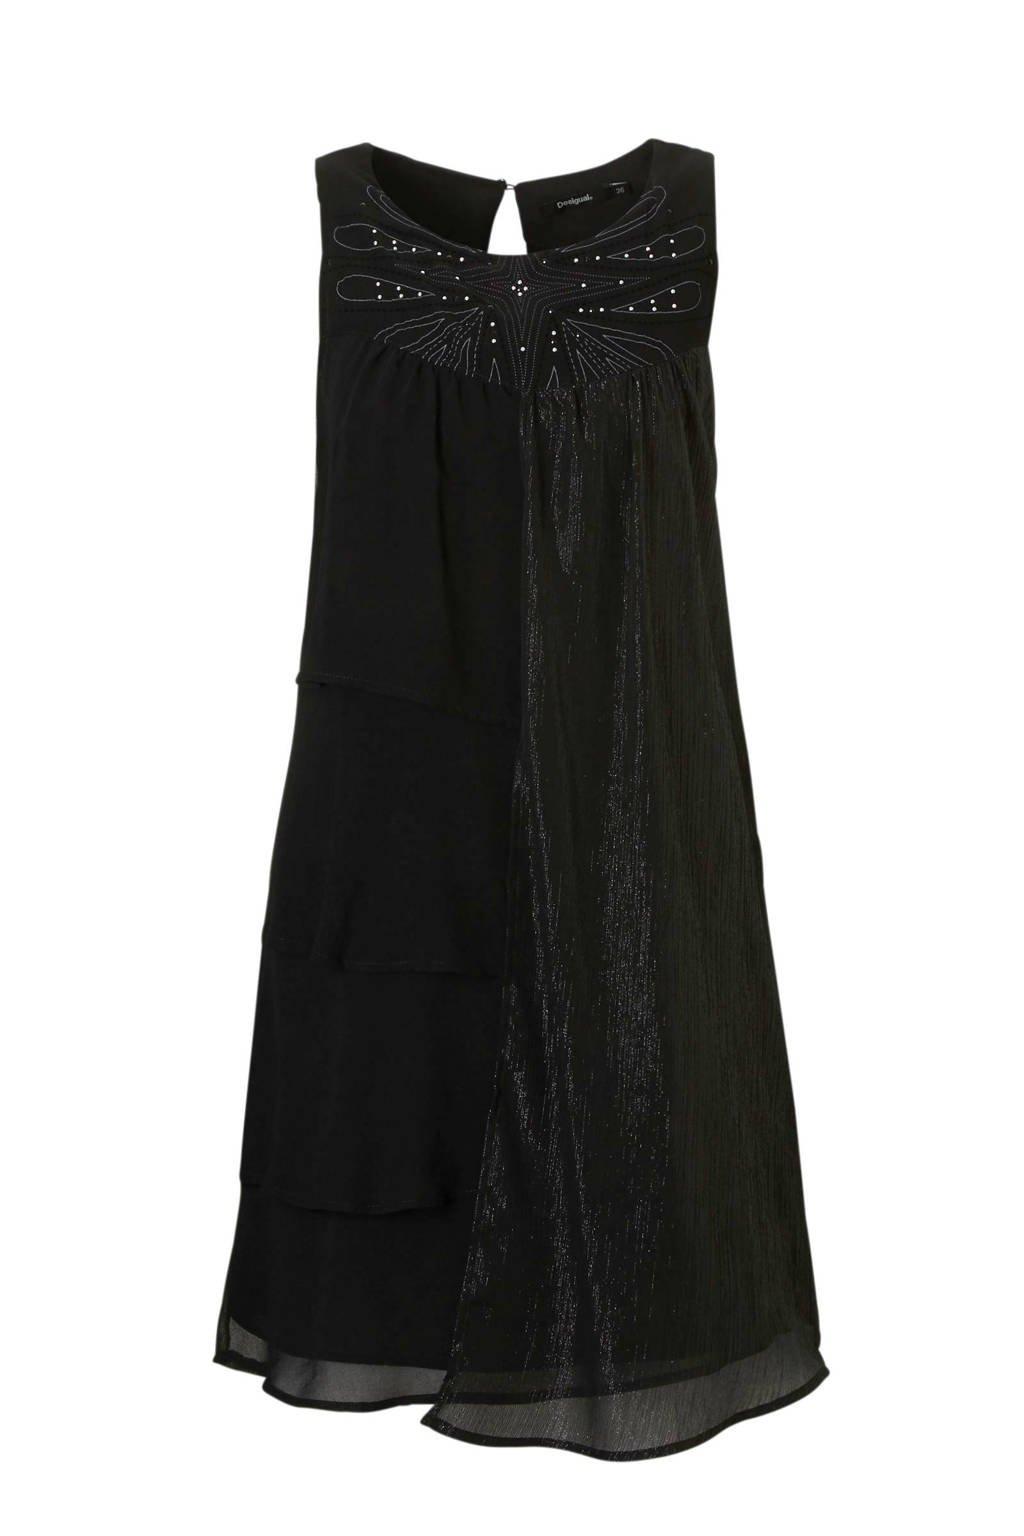 Desigual jurk met studs zwart, zwart/ zilver